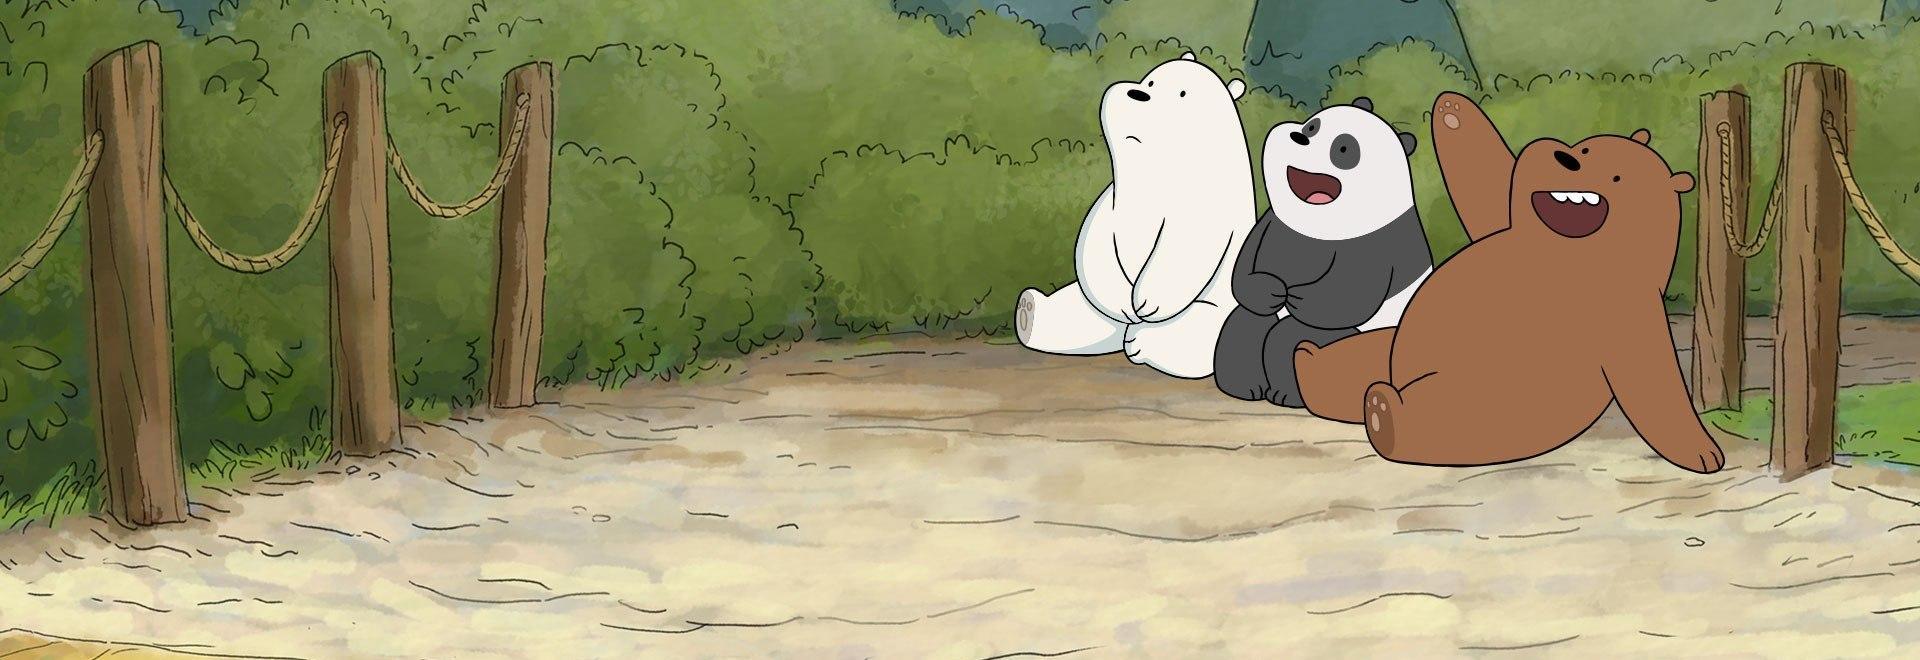 Gli orsetti non saltano